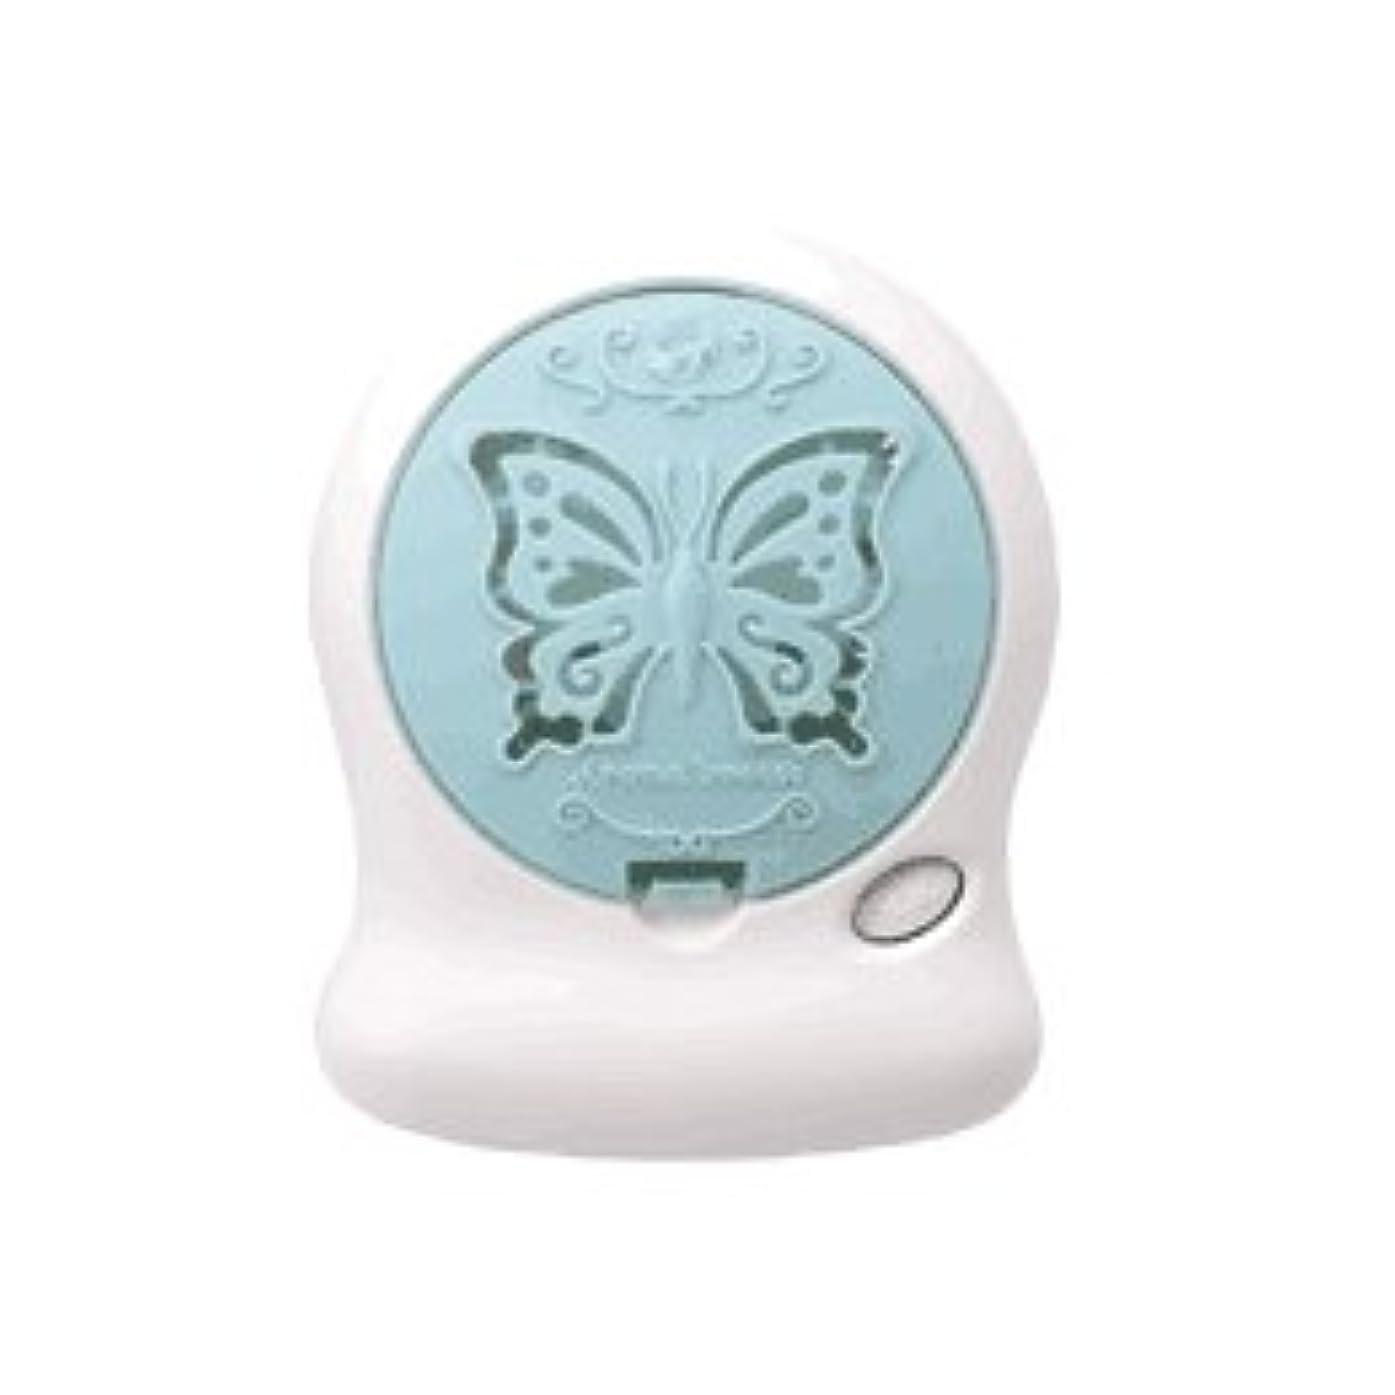 記念碑的な郵便局お気に入りアロマブリーズ Nova t Jill (蝶柄) グリーン オフタイマー付モバイルファン式芳香器